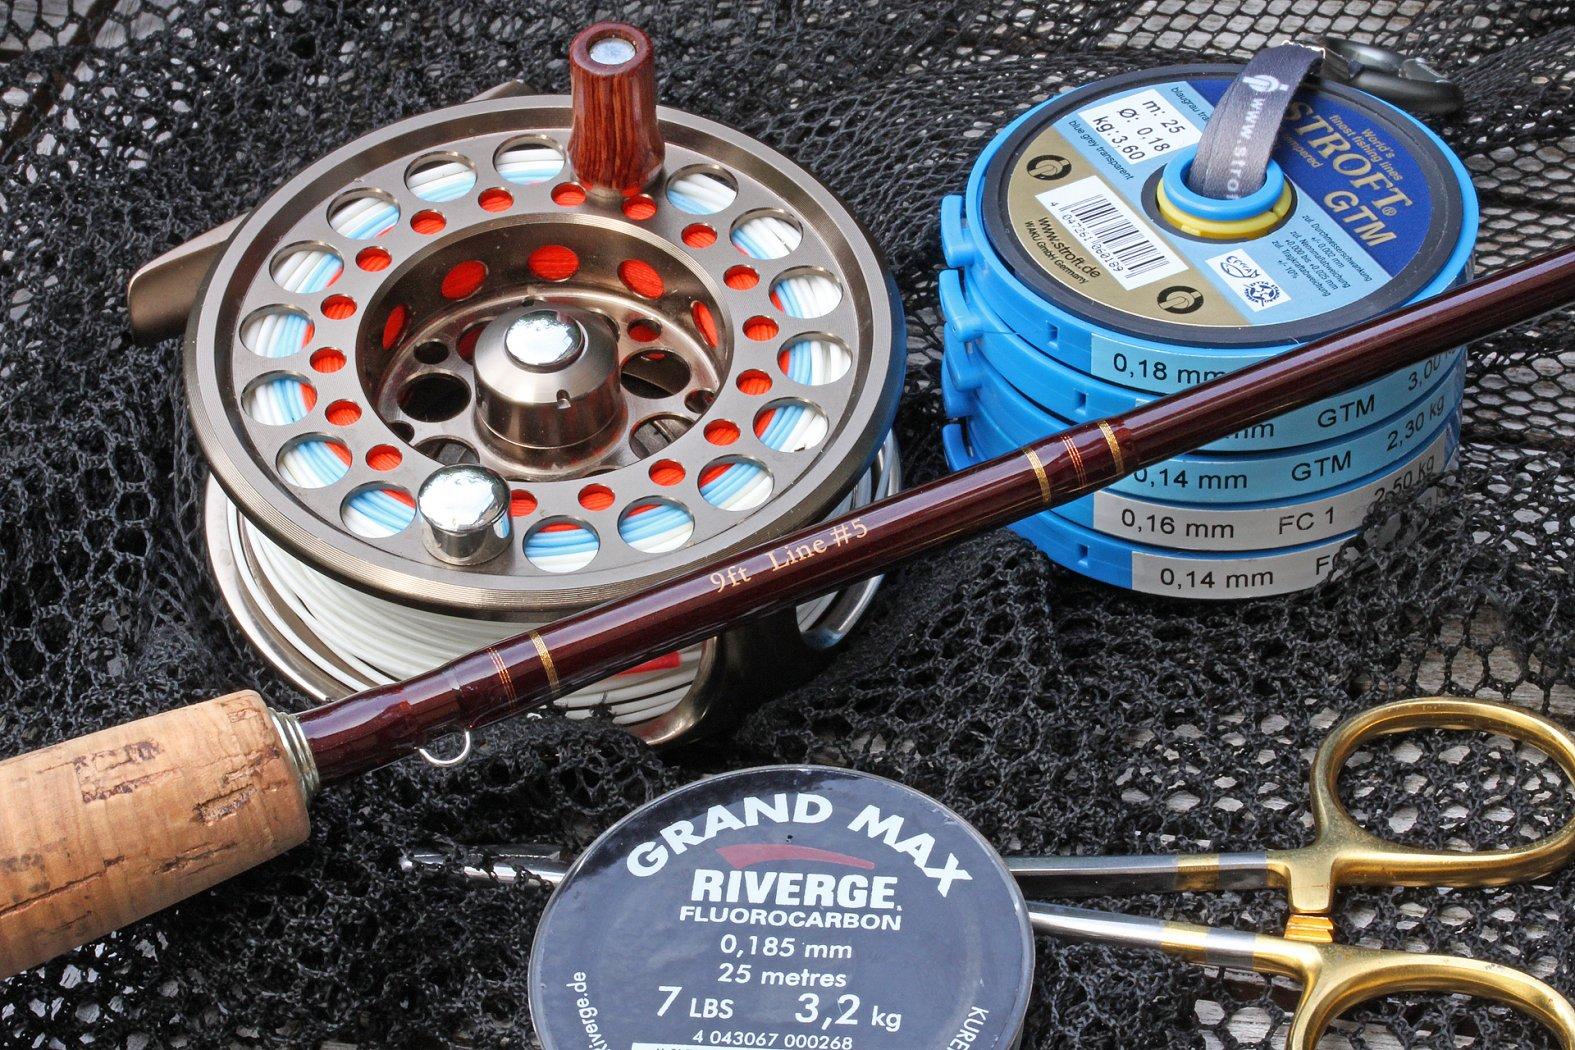 Angelgerät zum Fliegenfischen auf Aland